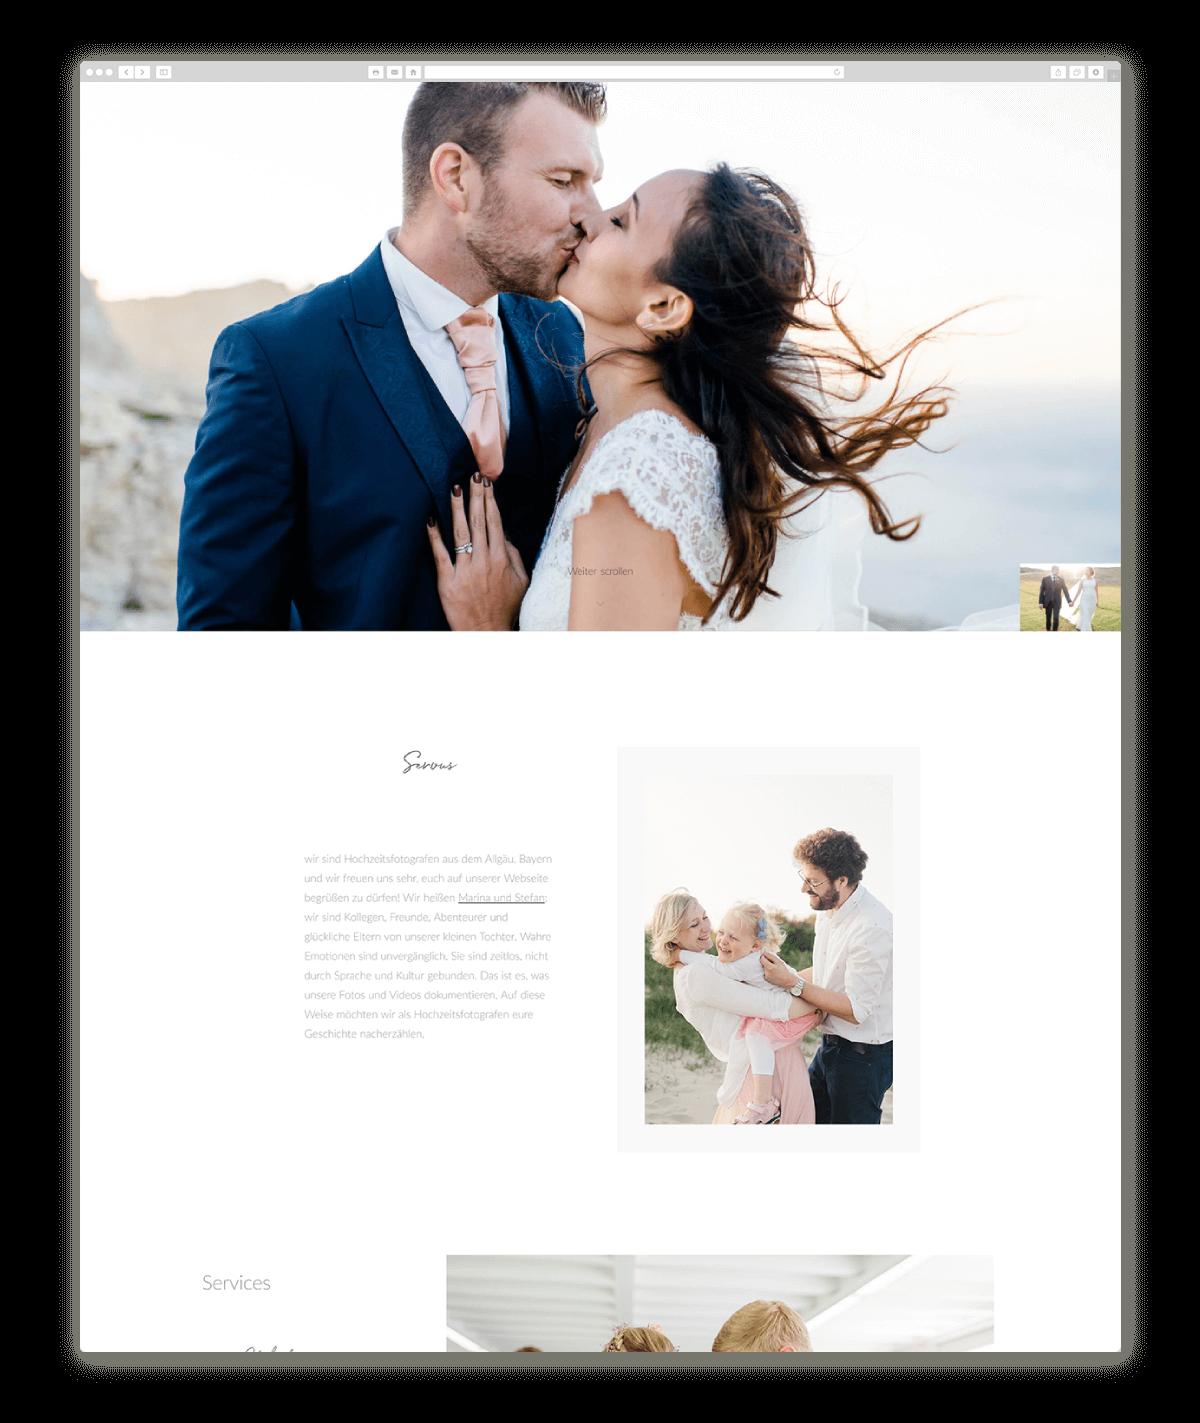 wedding photography website design fotografieschneider.de